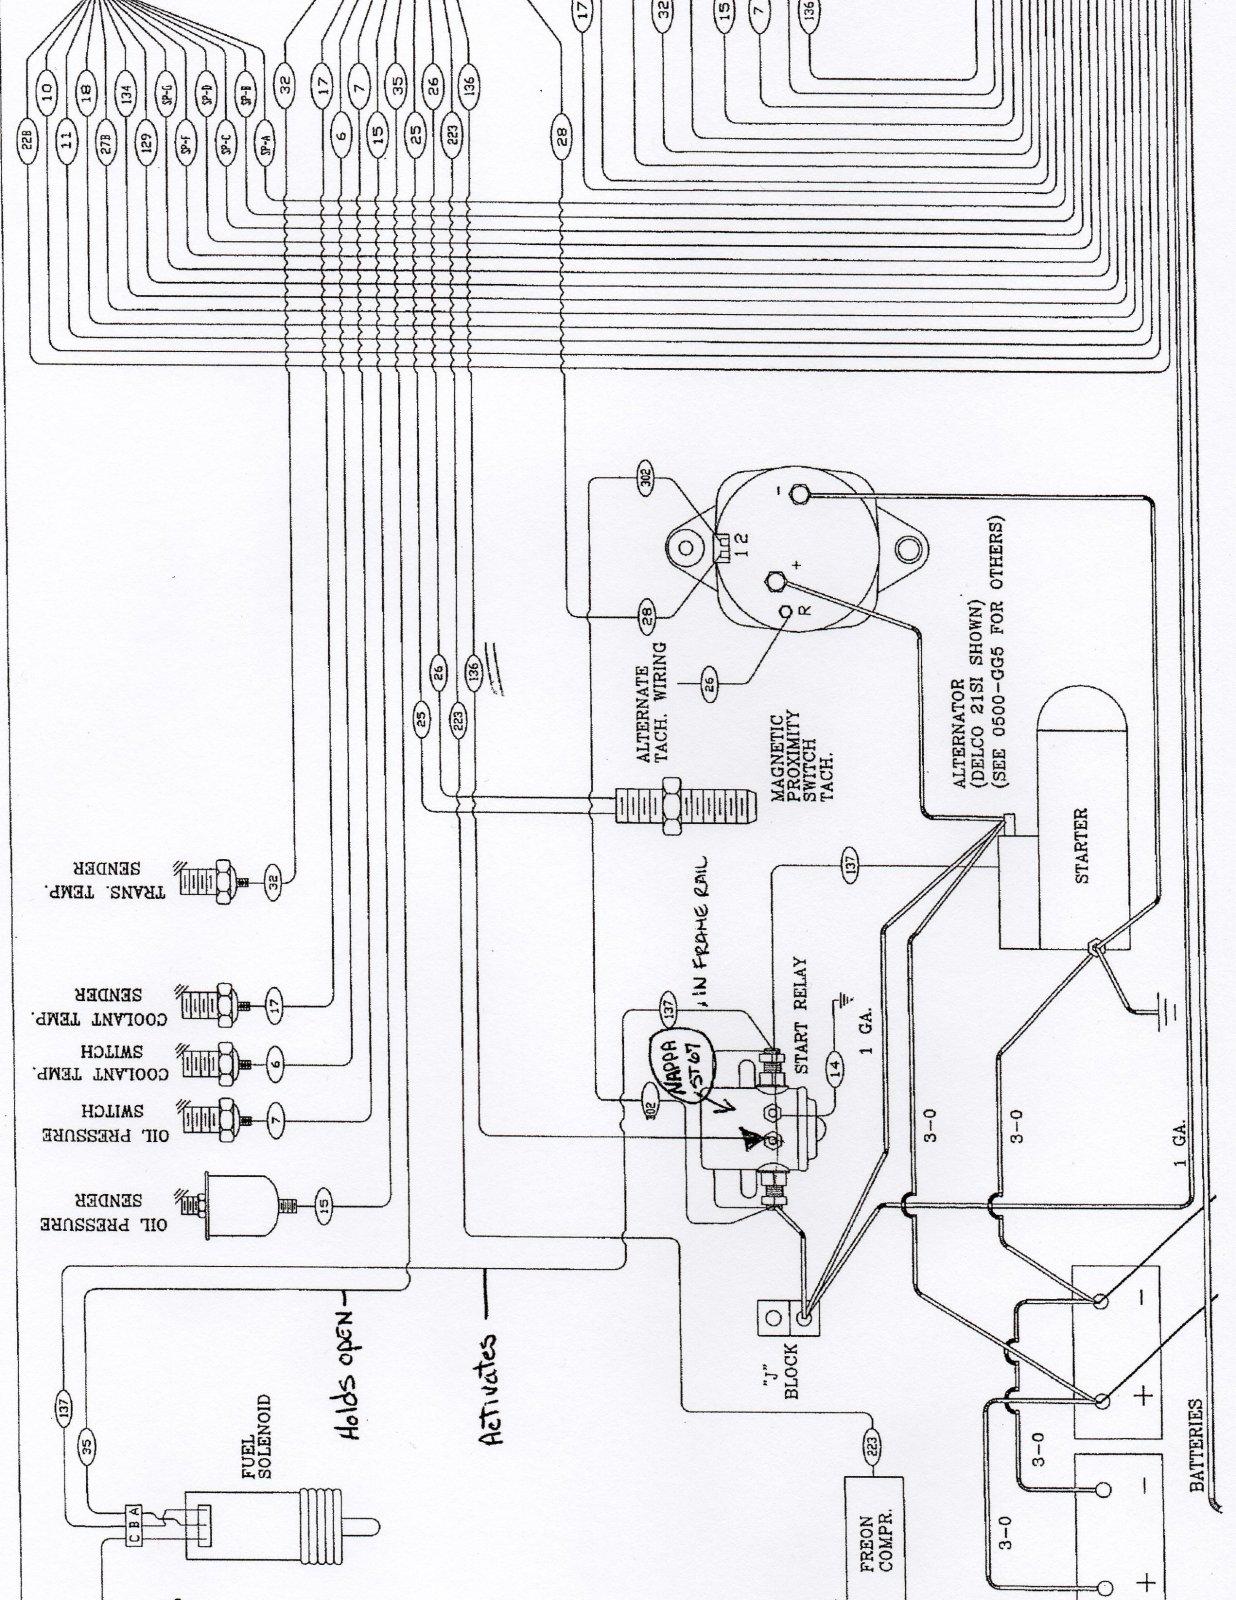 vactor wiring diagrams jeep patriot wiring cm b wiring ... vactor wiring diagrams #5